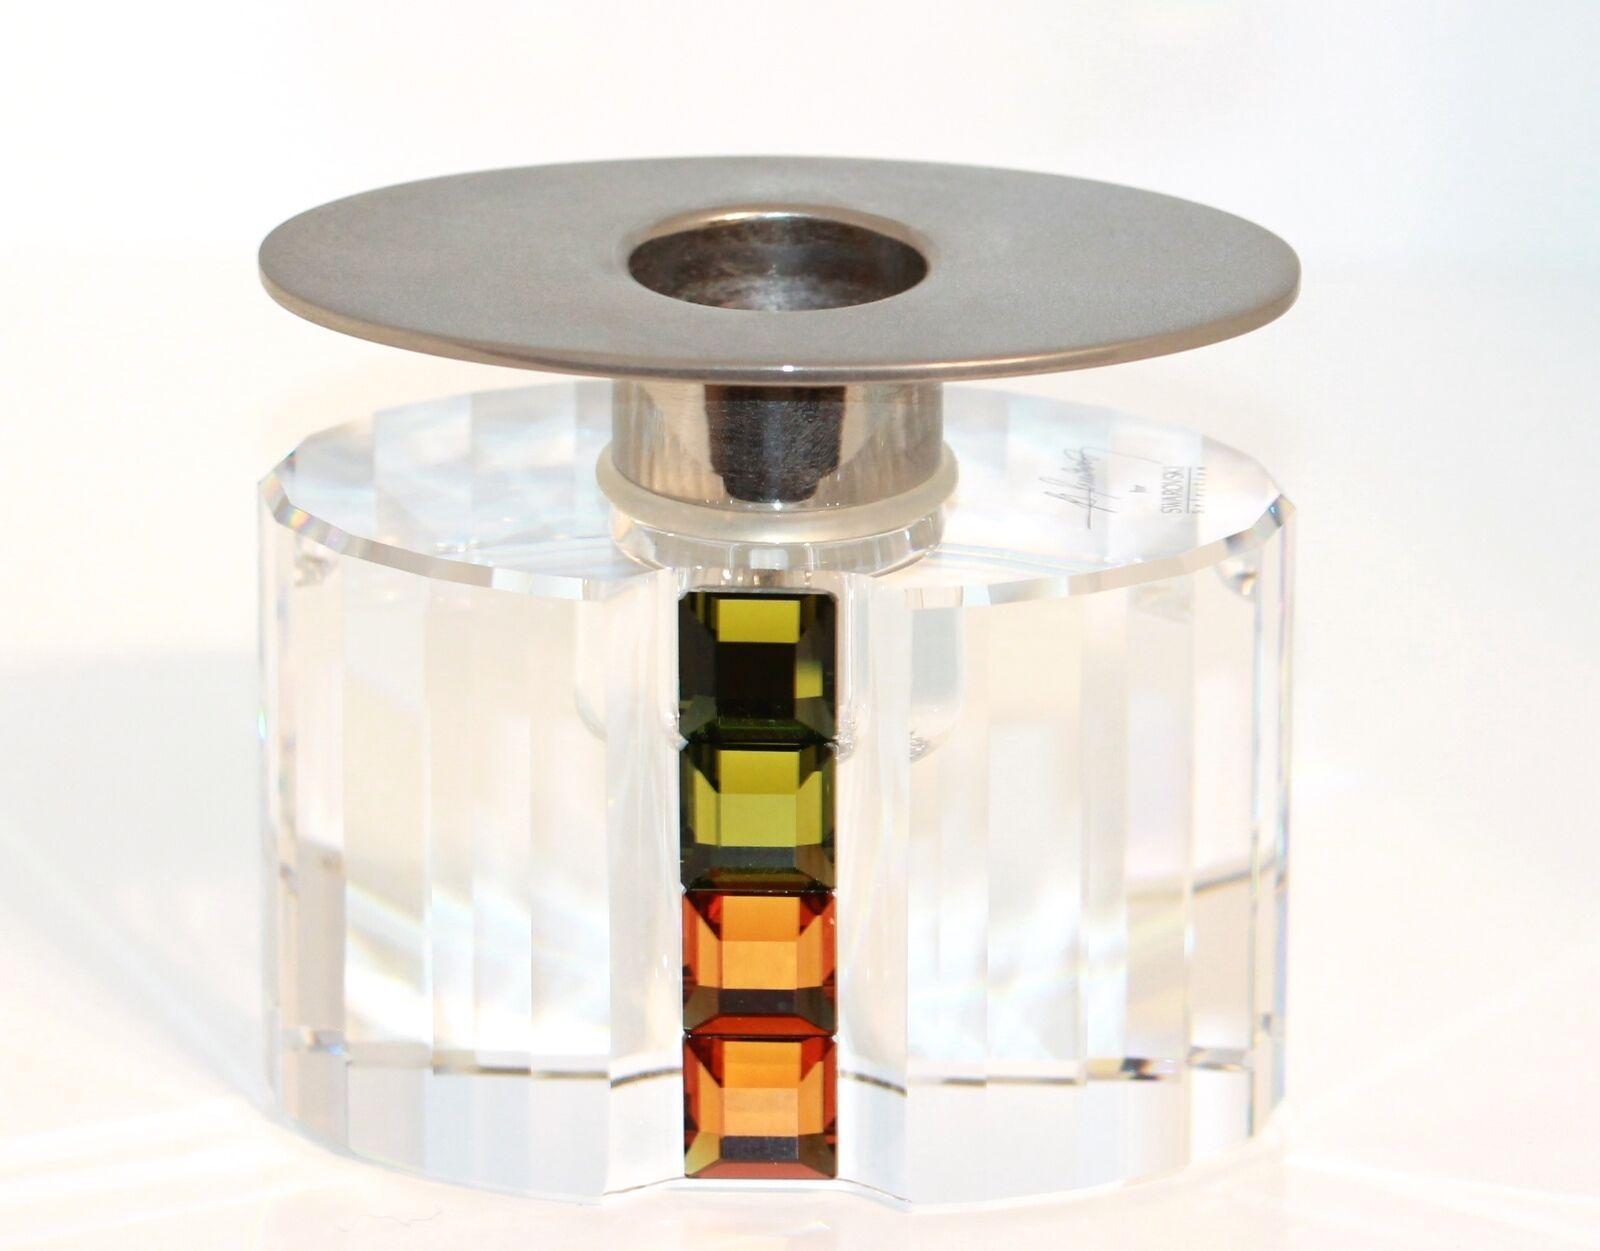 Swarovski Selection Designer candeleros olivino Topaz nº 276705 firmado